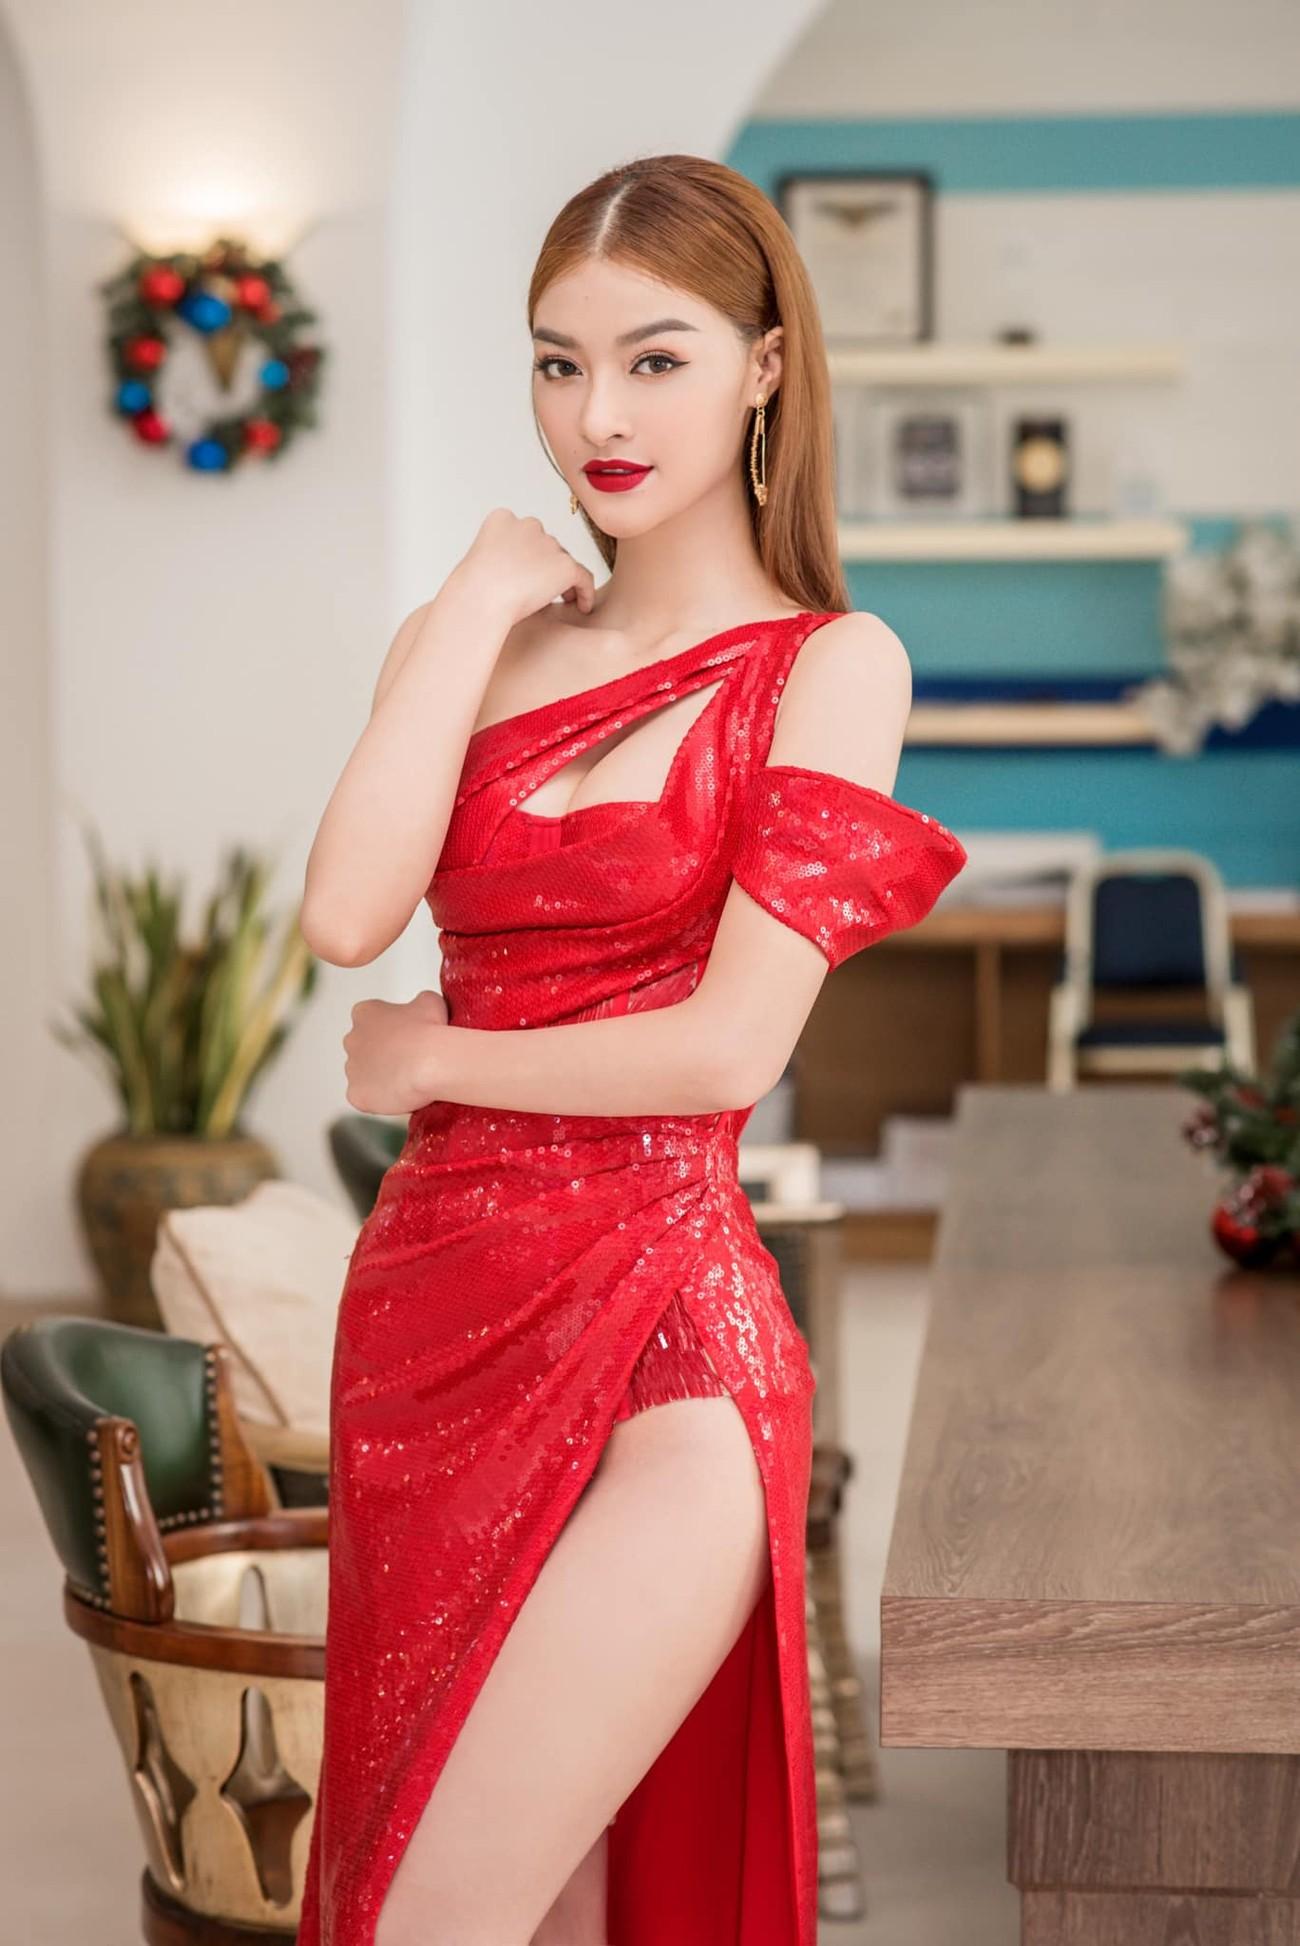 Tiểu Vy, Hà Kiều Anh và dàn hậu diện váy đỏ rực khoe dáng nóng bỏng đêm Giáng Sinh ảnh 5